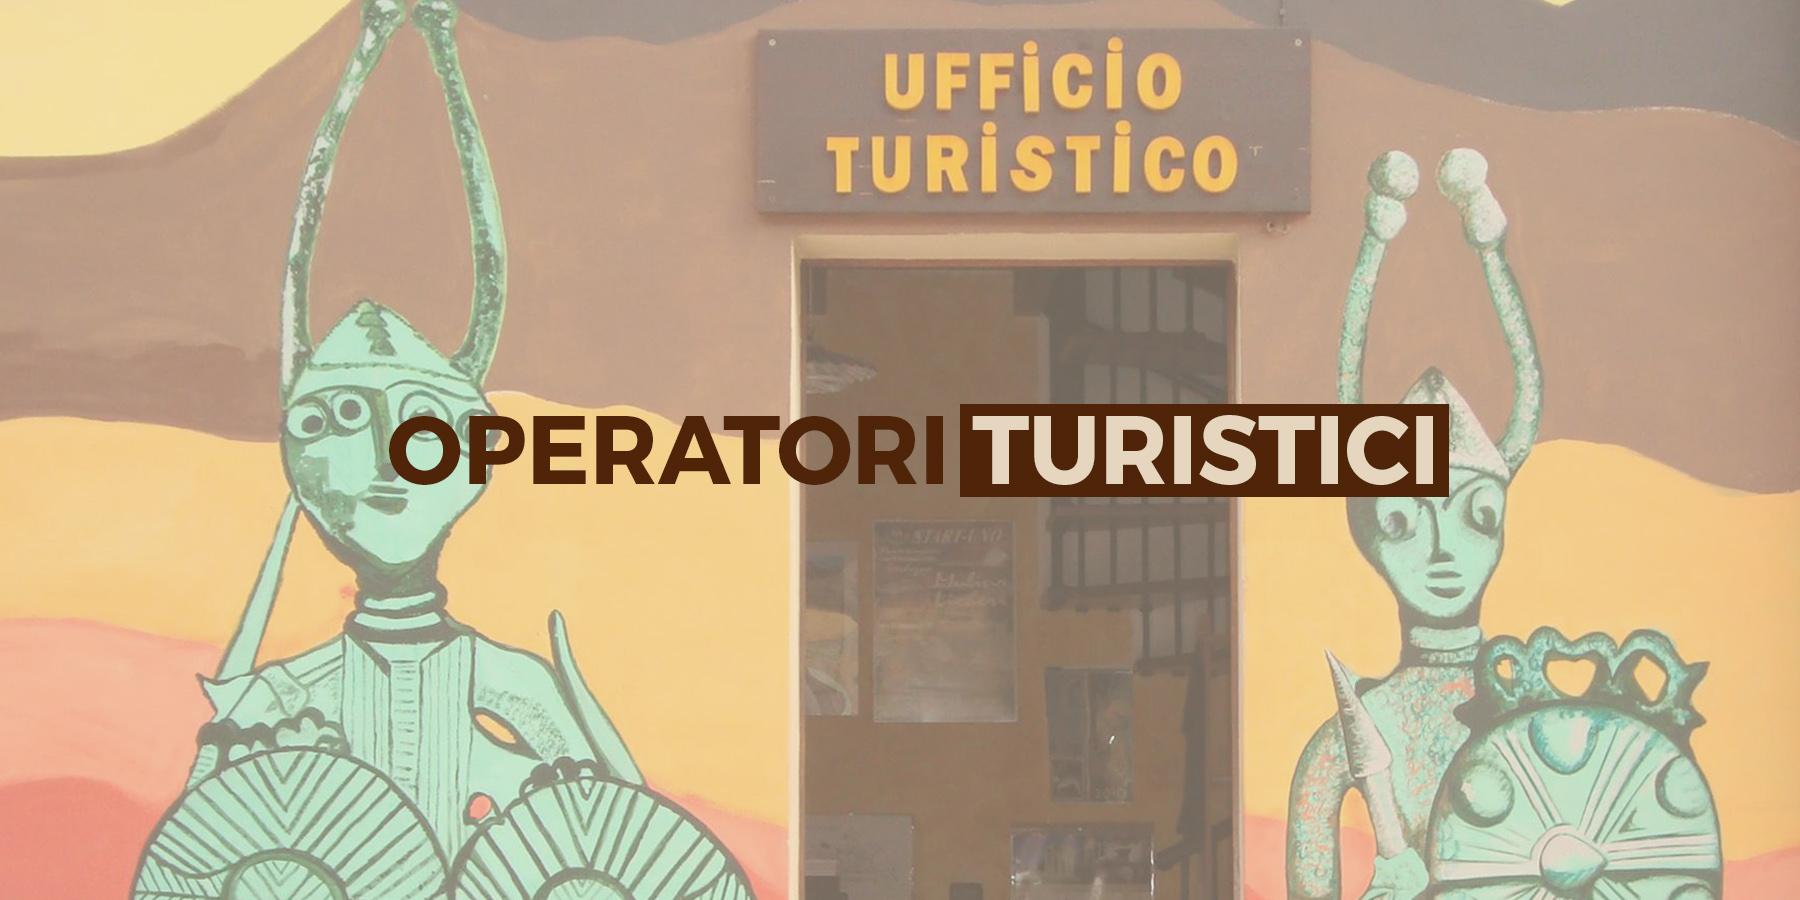 StartUno-Servizi-turistici-operatori-turistici-fluminese